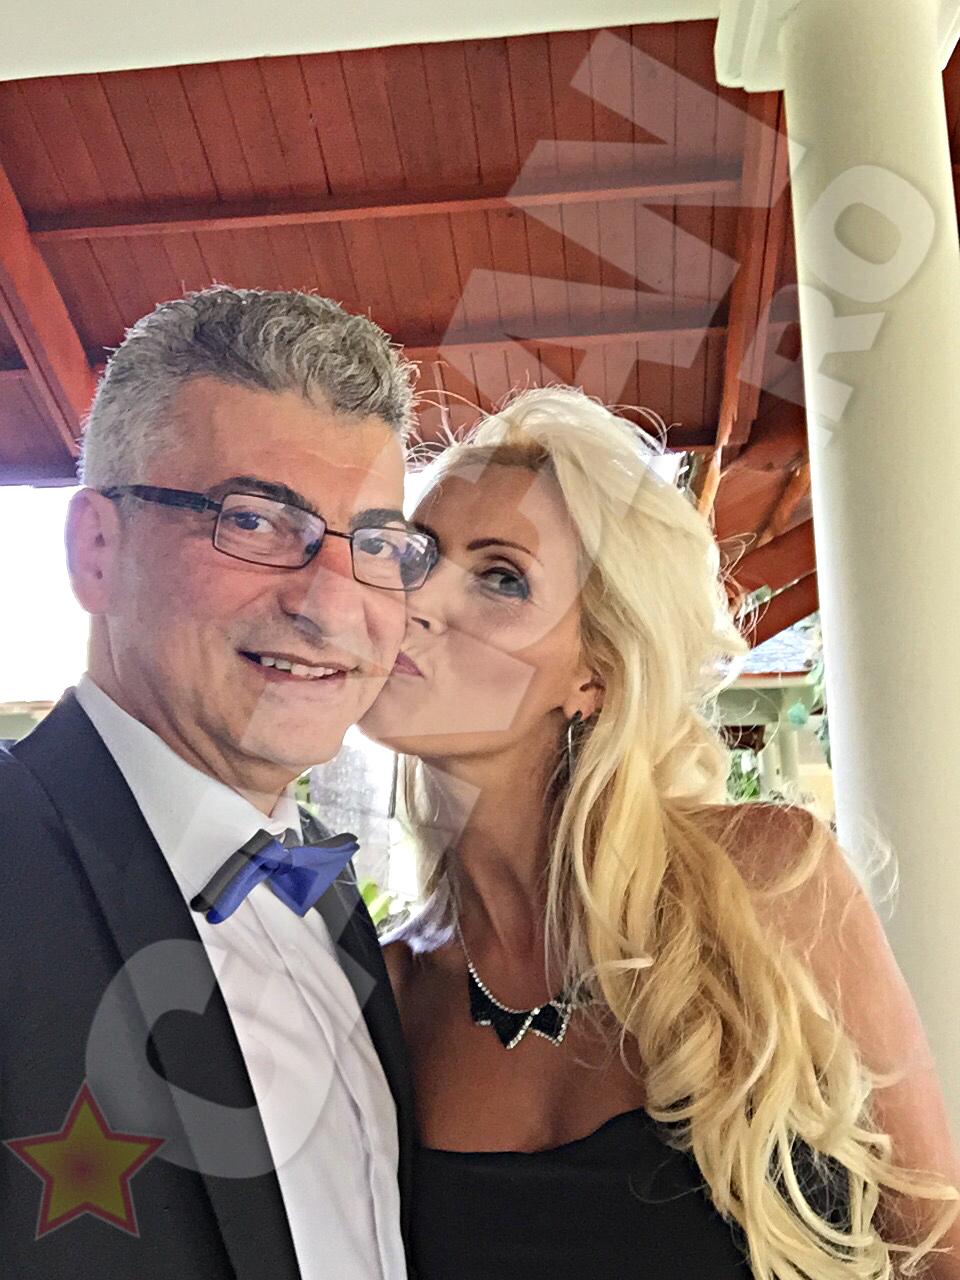 Afaceristul face o fotografie in timp ce ea il saruta pe obraz.